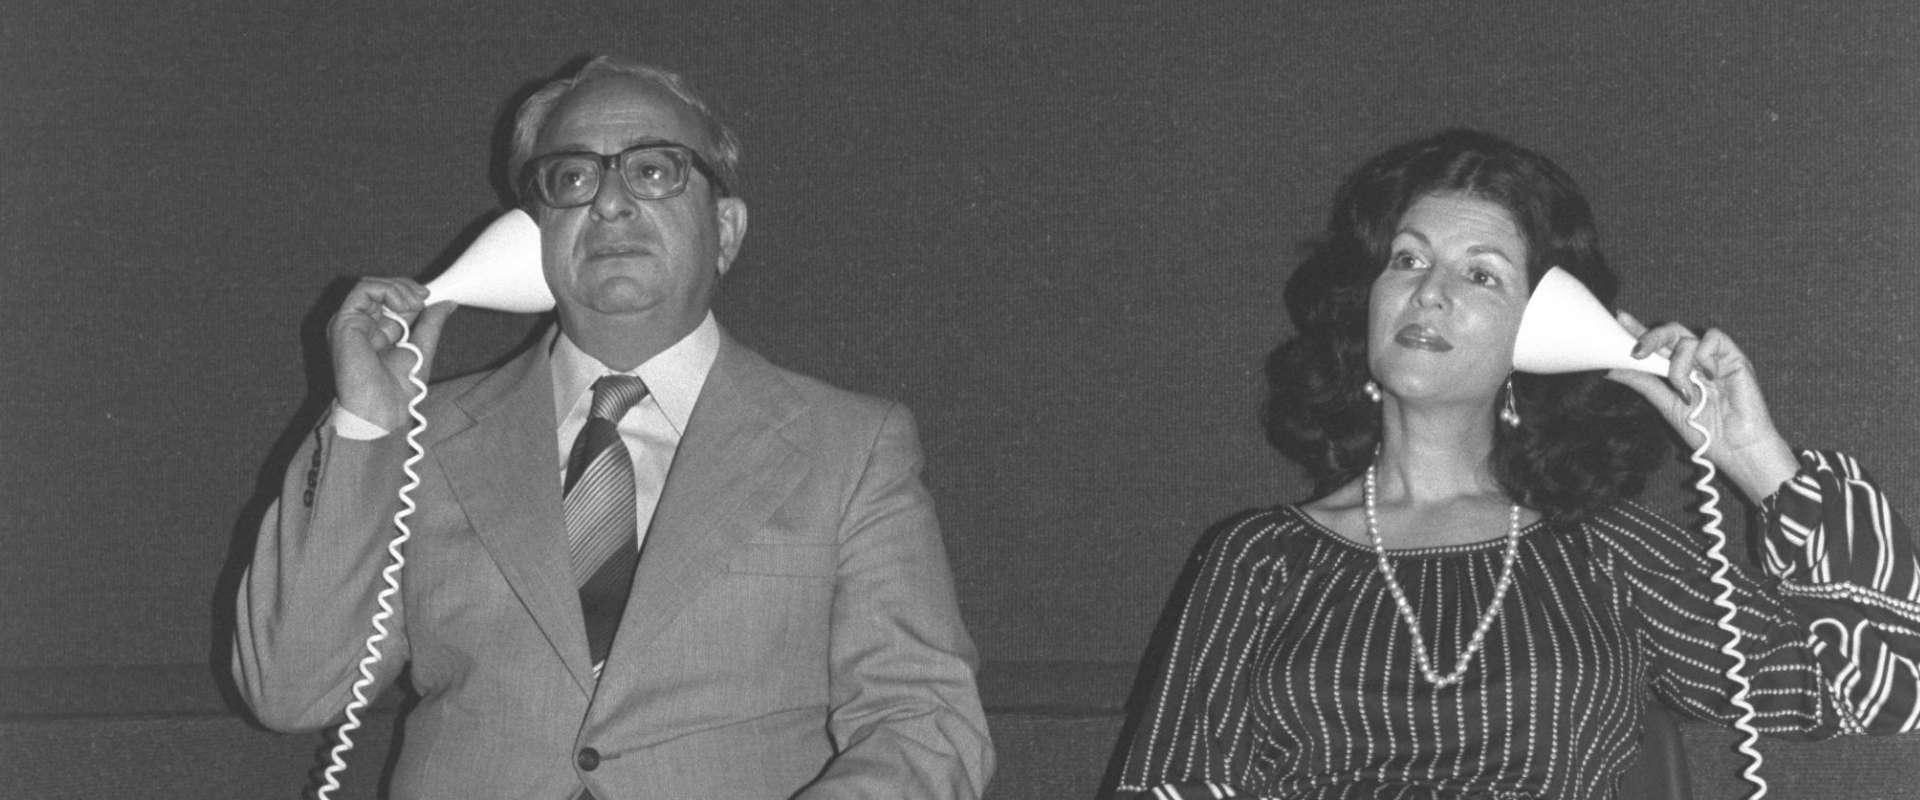 נשיא המדינה יצחק נבון ורעייתו אופירה